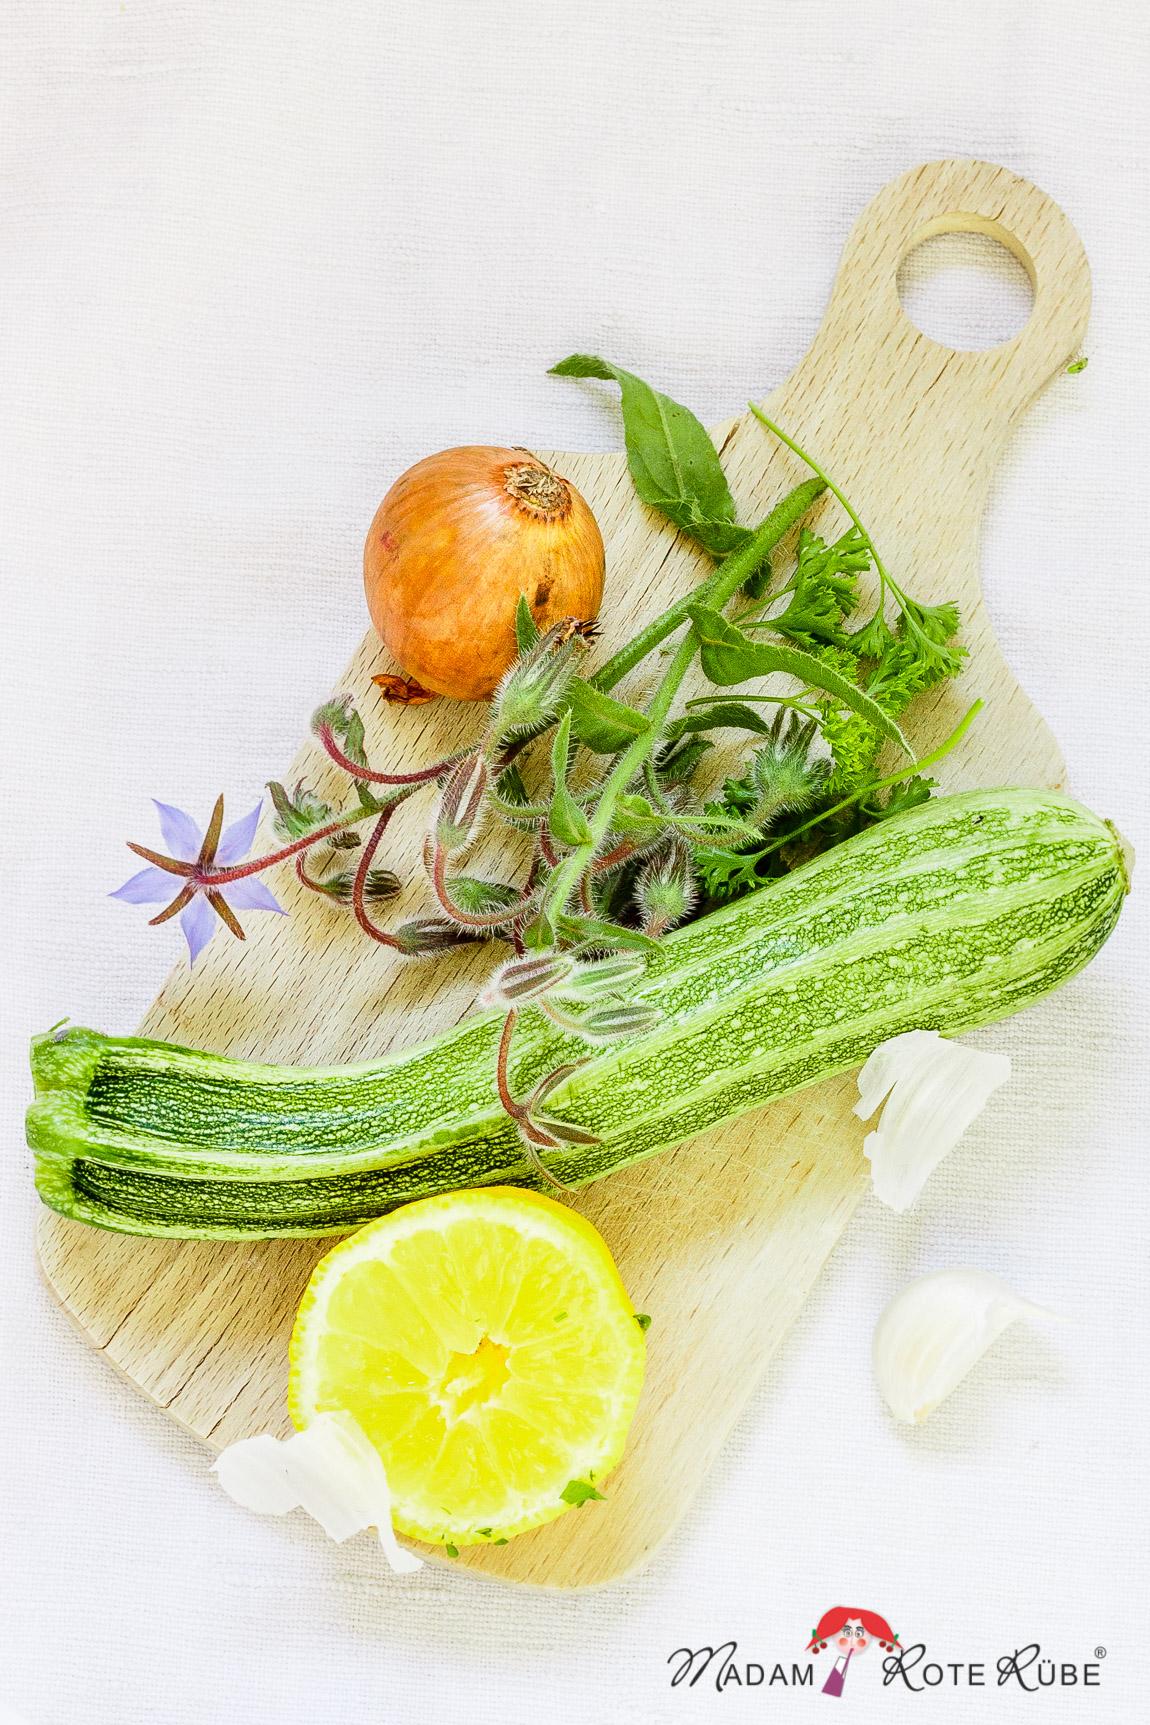 Madam Rote Rübe - zitronige Zucchinisuppe auf türkisch